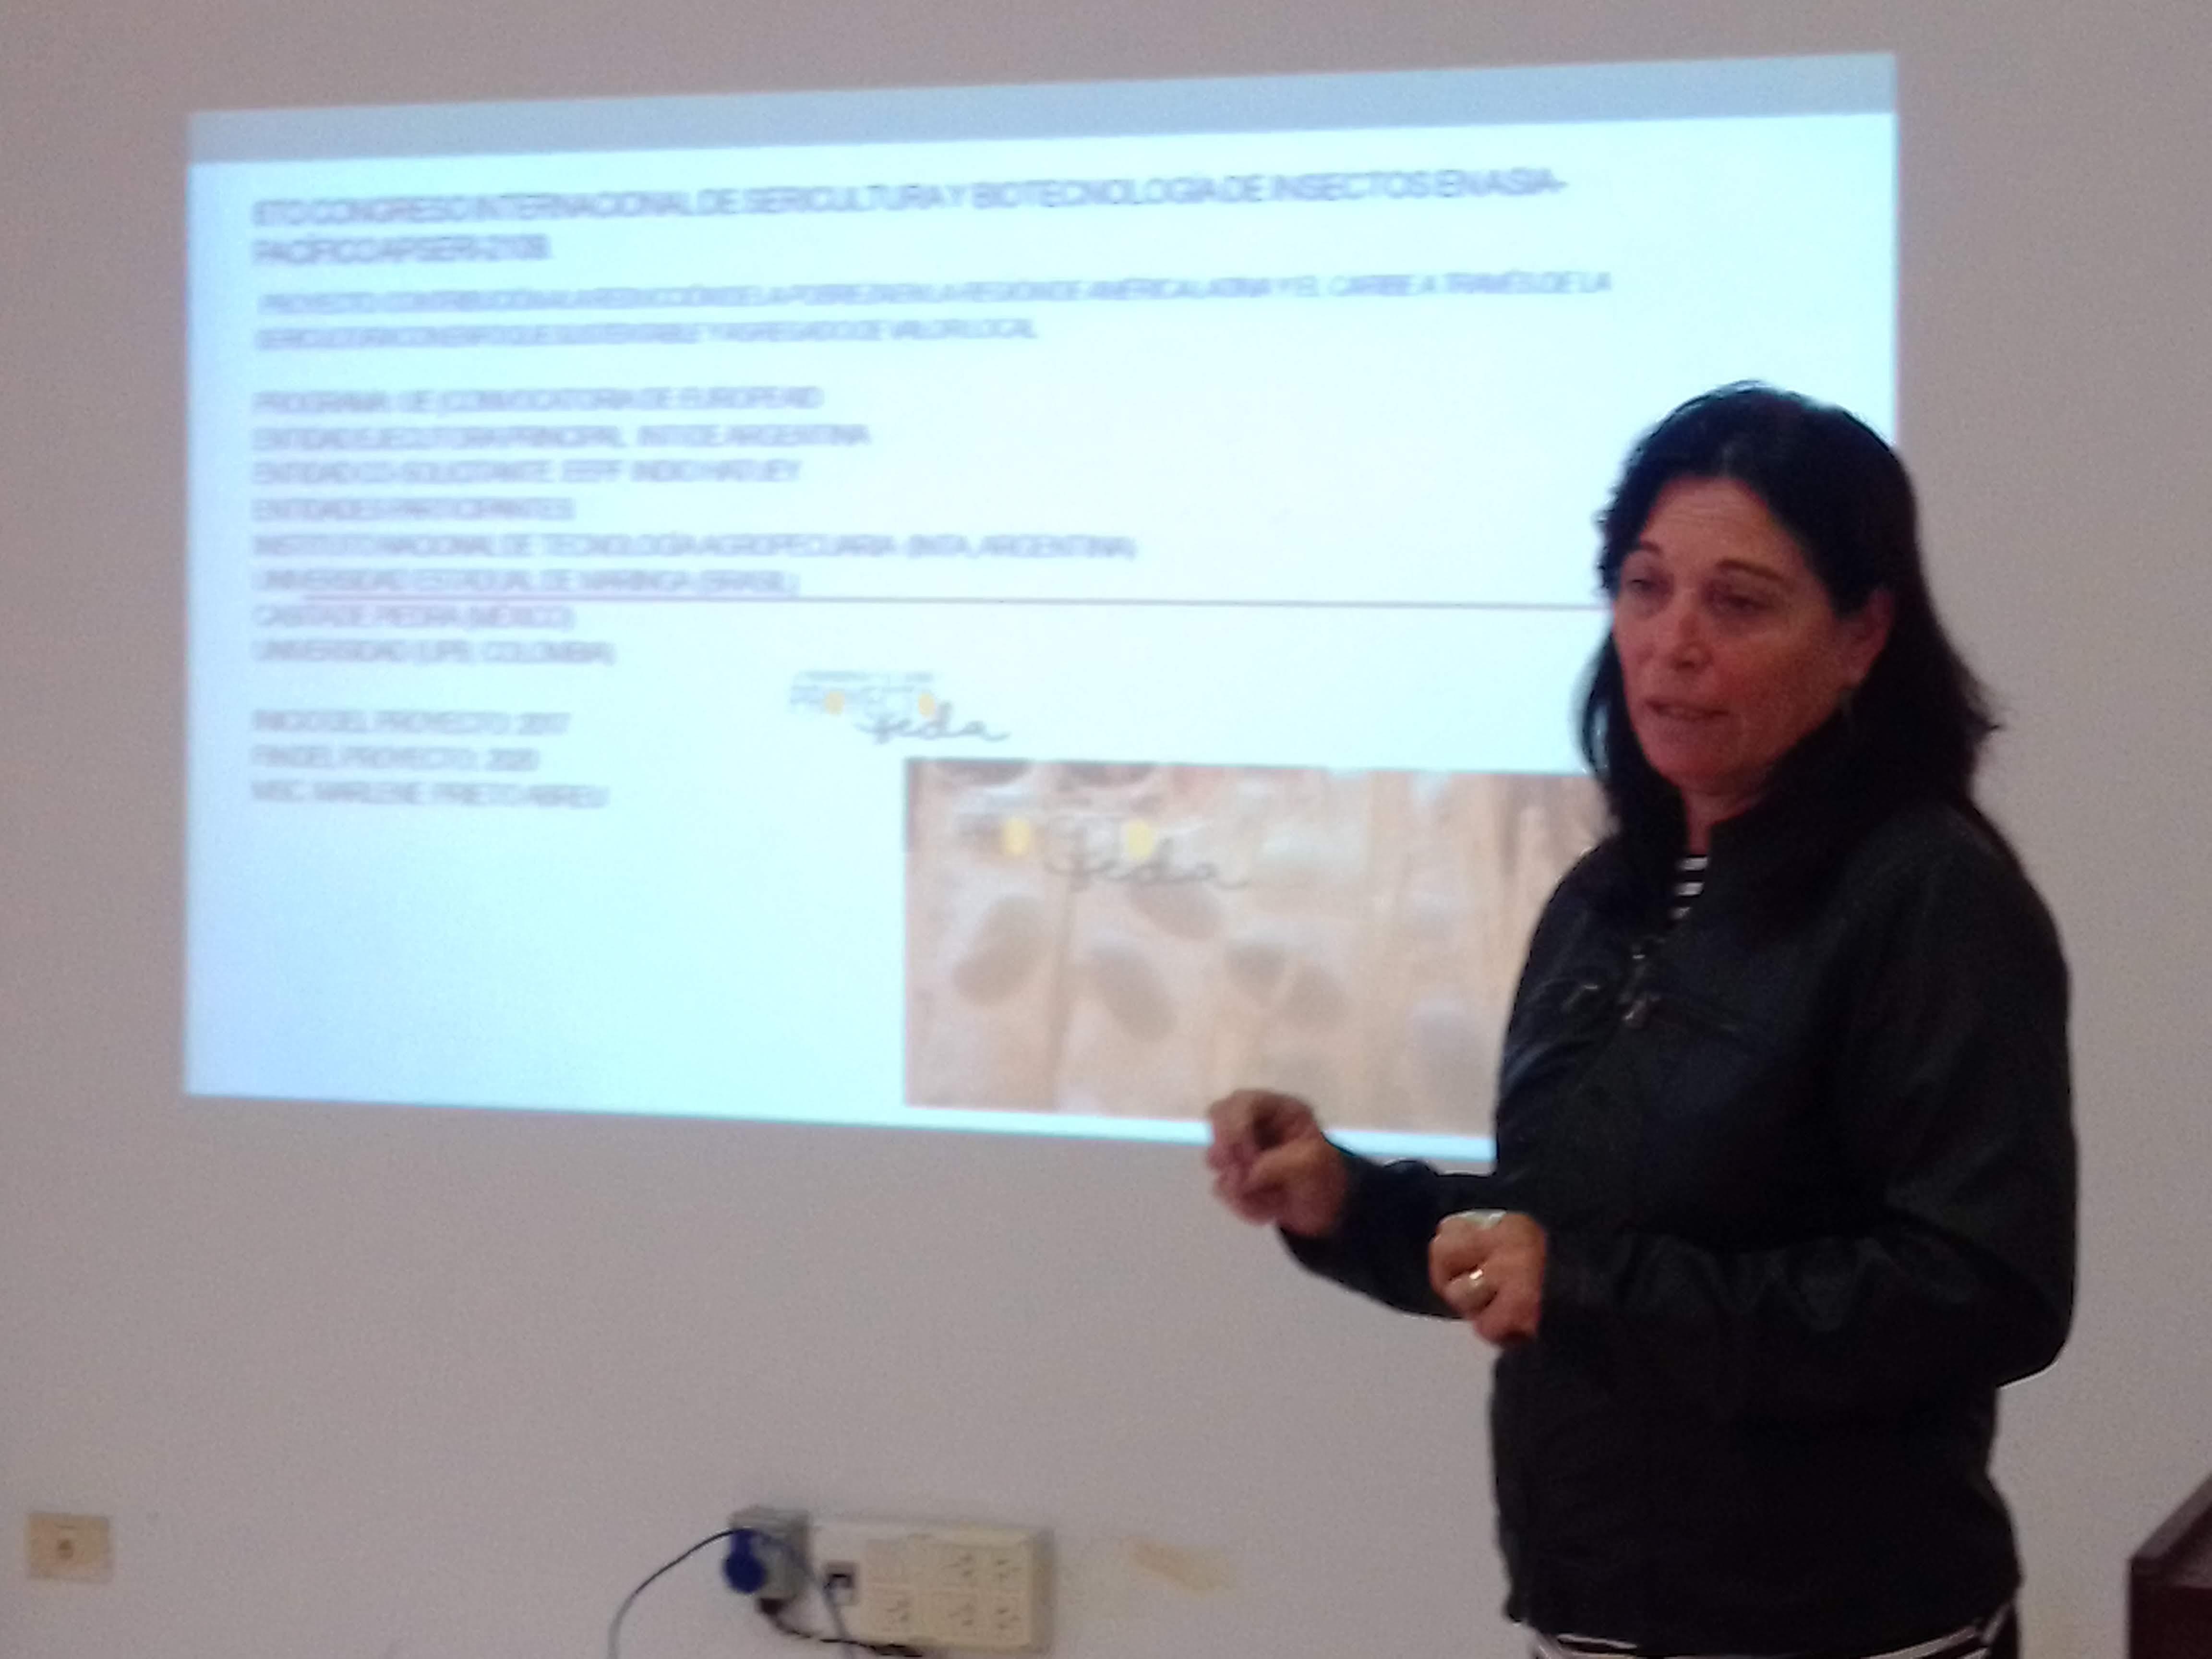 La MsC Marlene Prieto Abreu de la EEPFIH de Cuba habló sobre 6° Congreso Internacional de Sericultura y Biotecnología, APSERI 2019, India.